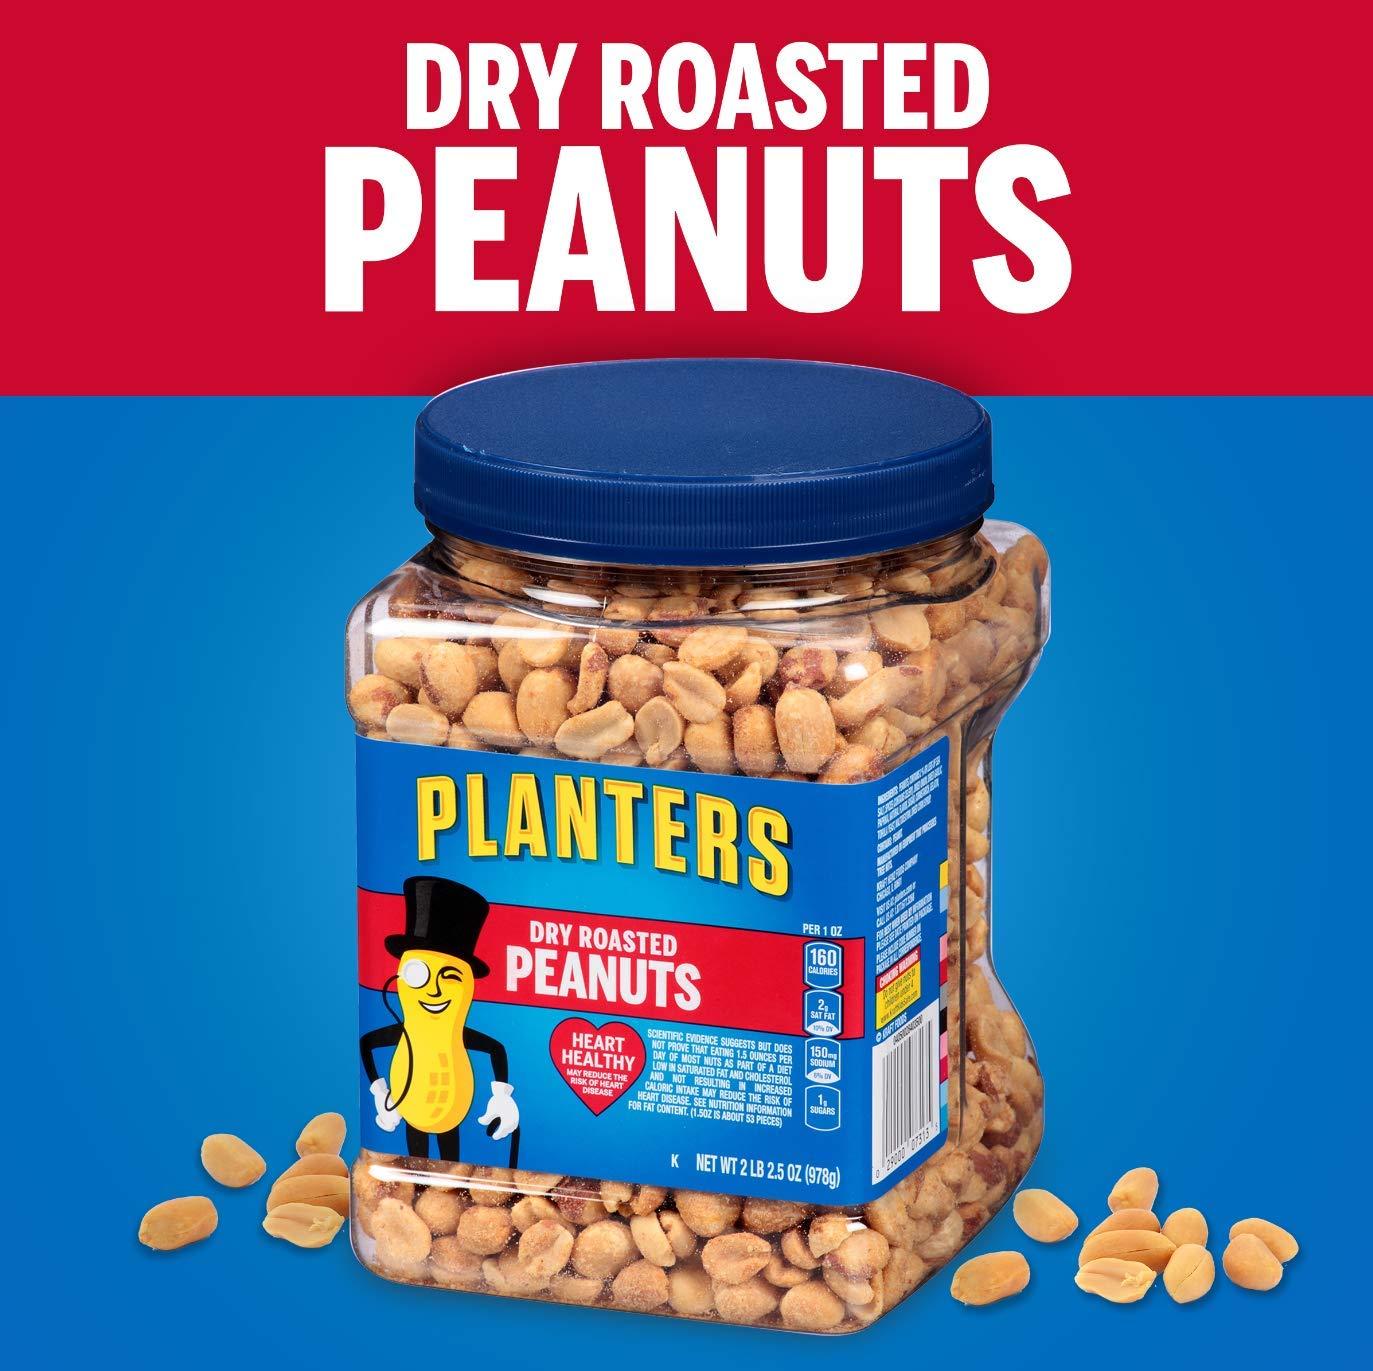 Planters Dry Roasted Peanuts 34.5 oz